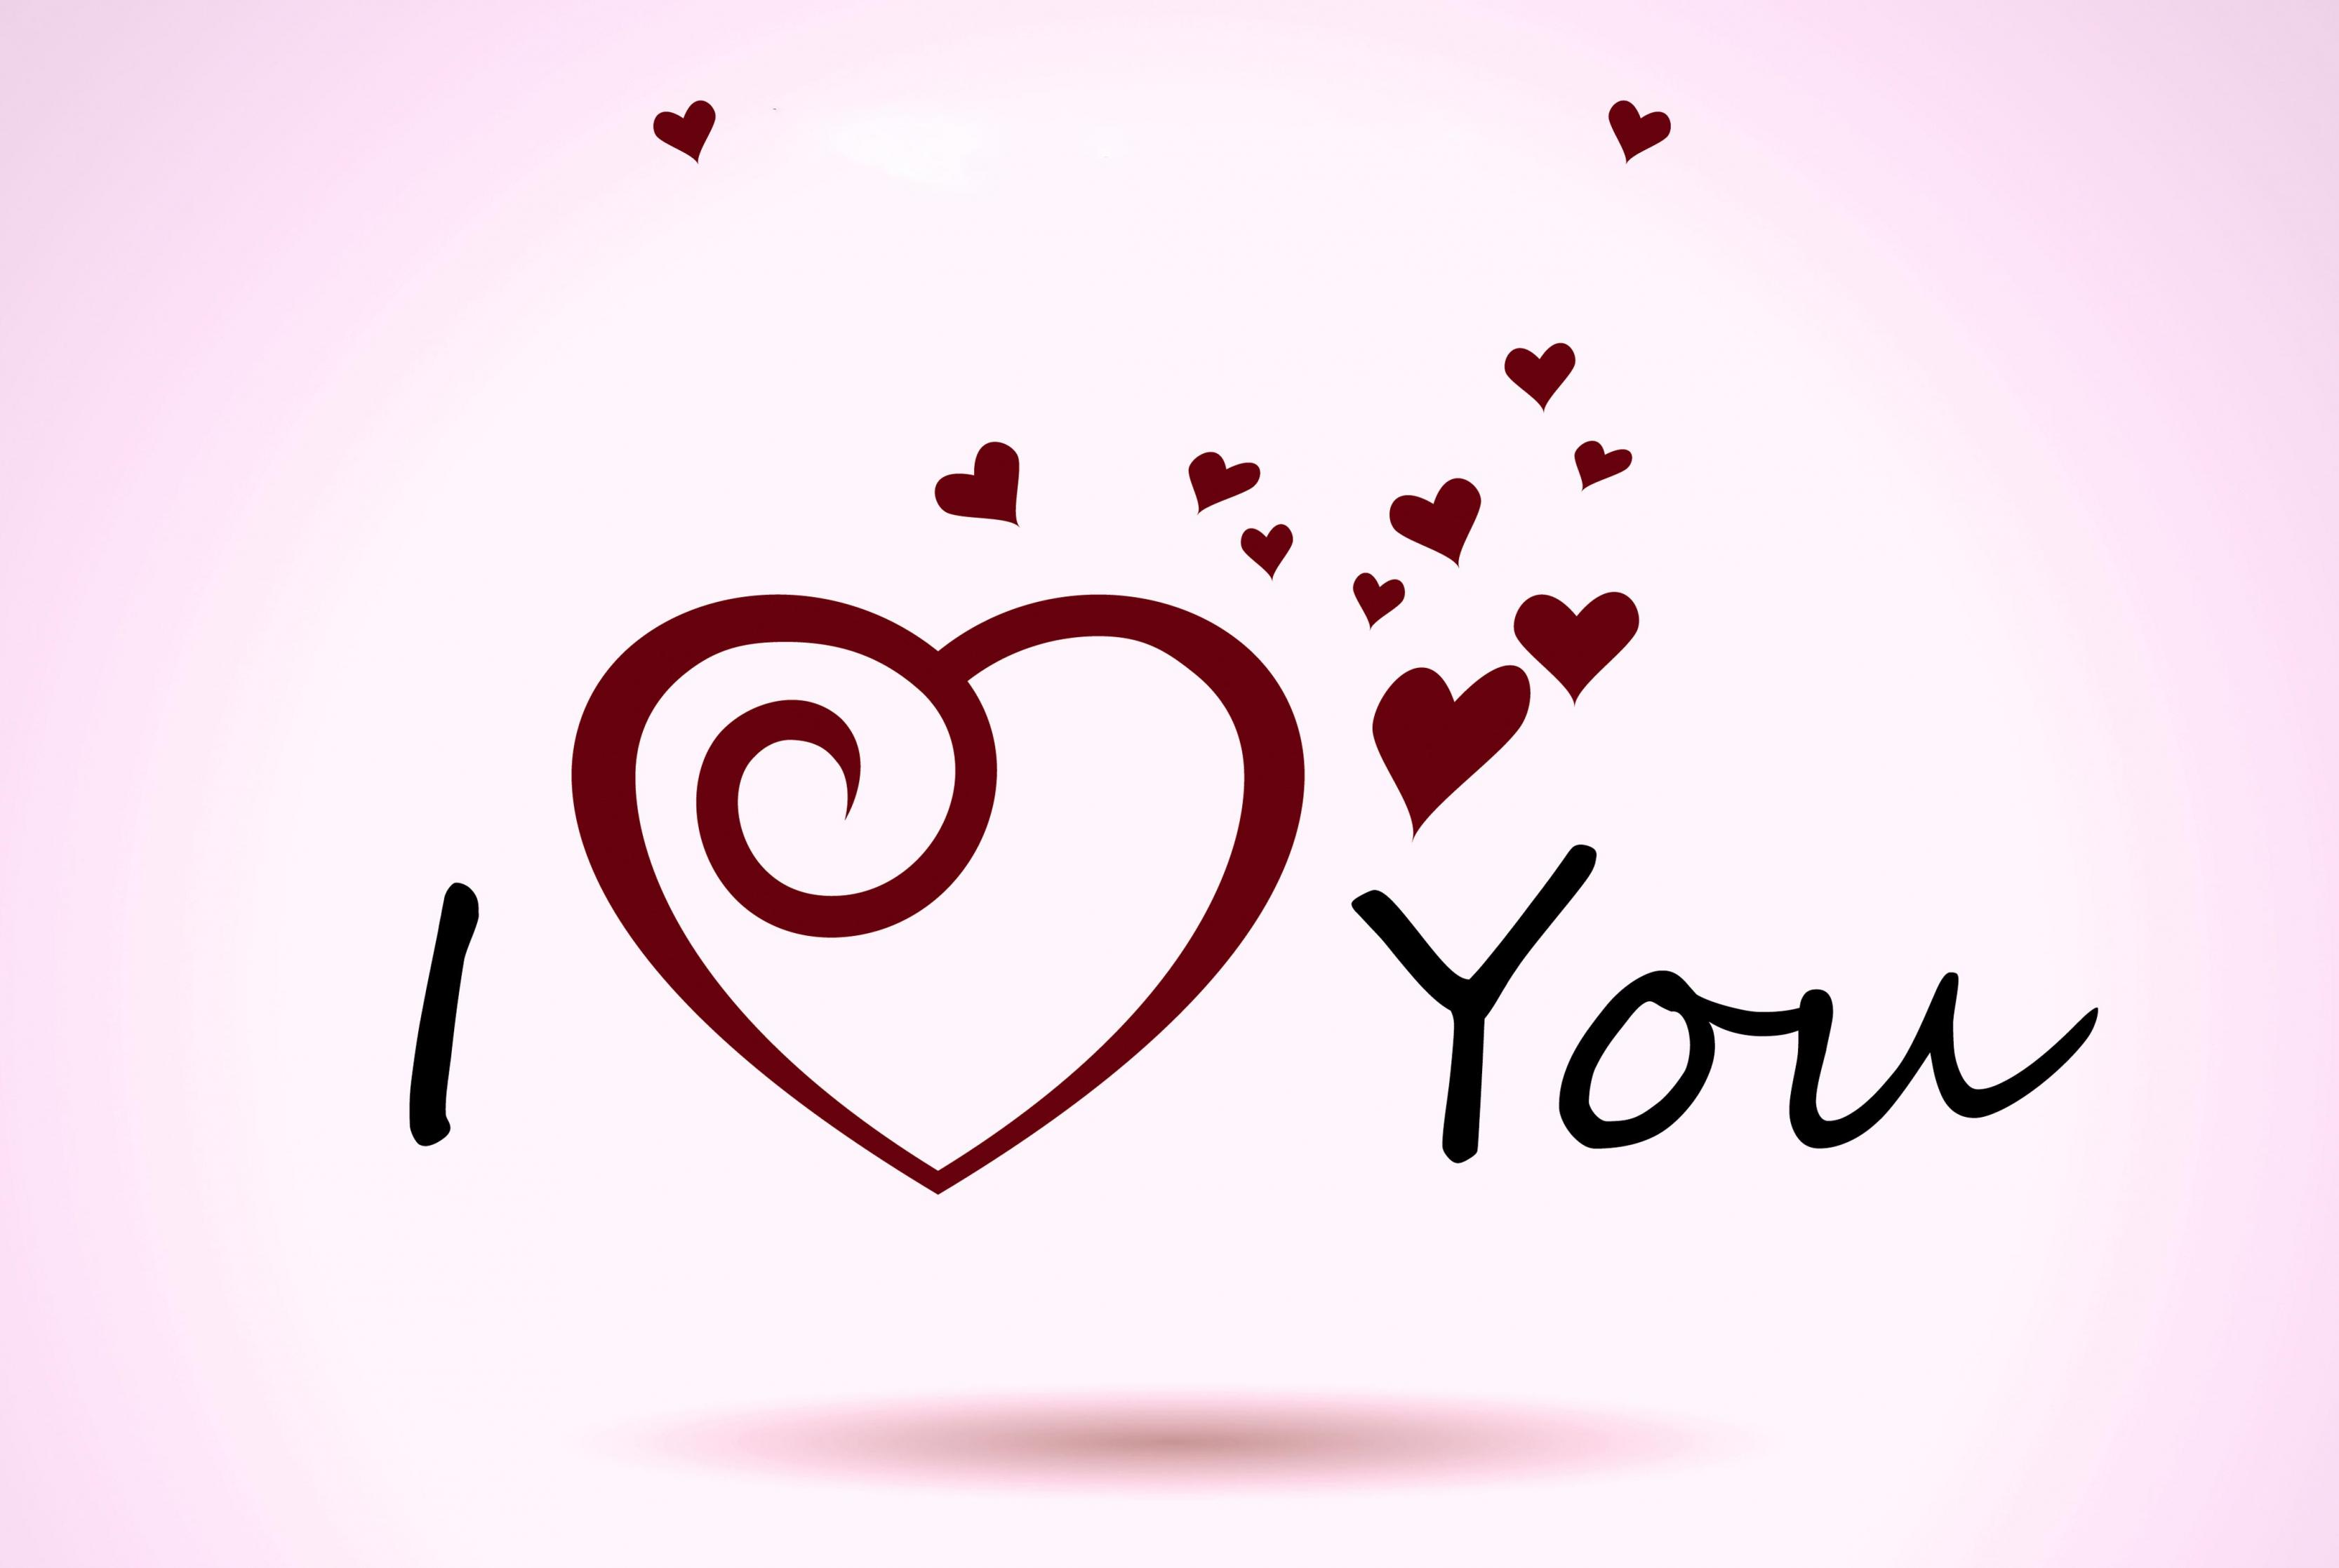 بالصور كلمة بحبك , صور كلمة بحبك بجنون مختلفة عن اى مكان اخر 3159 5